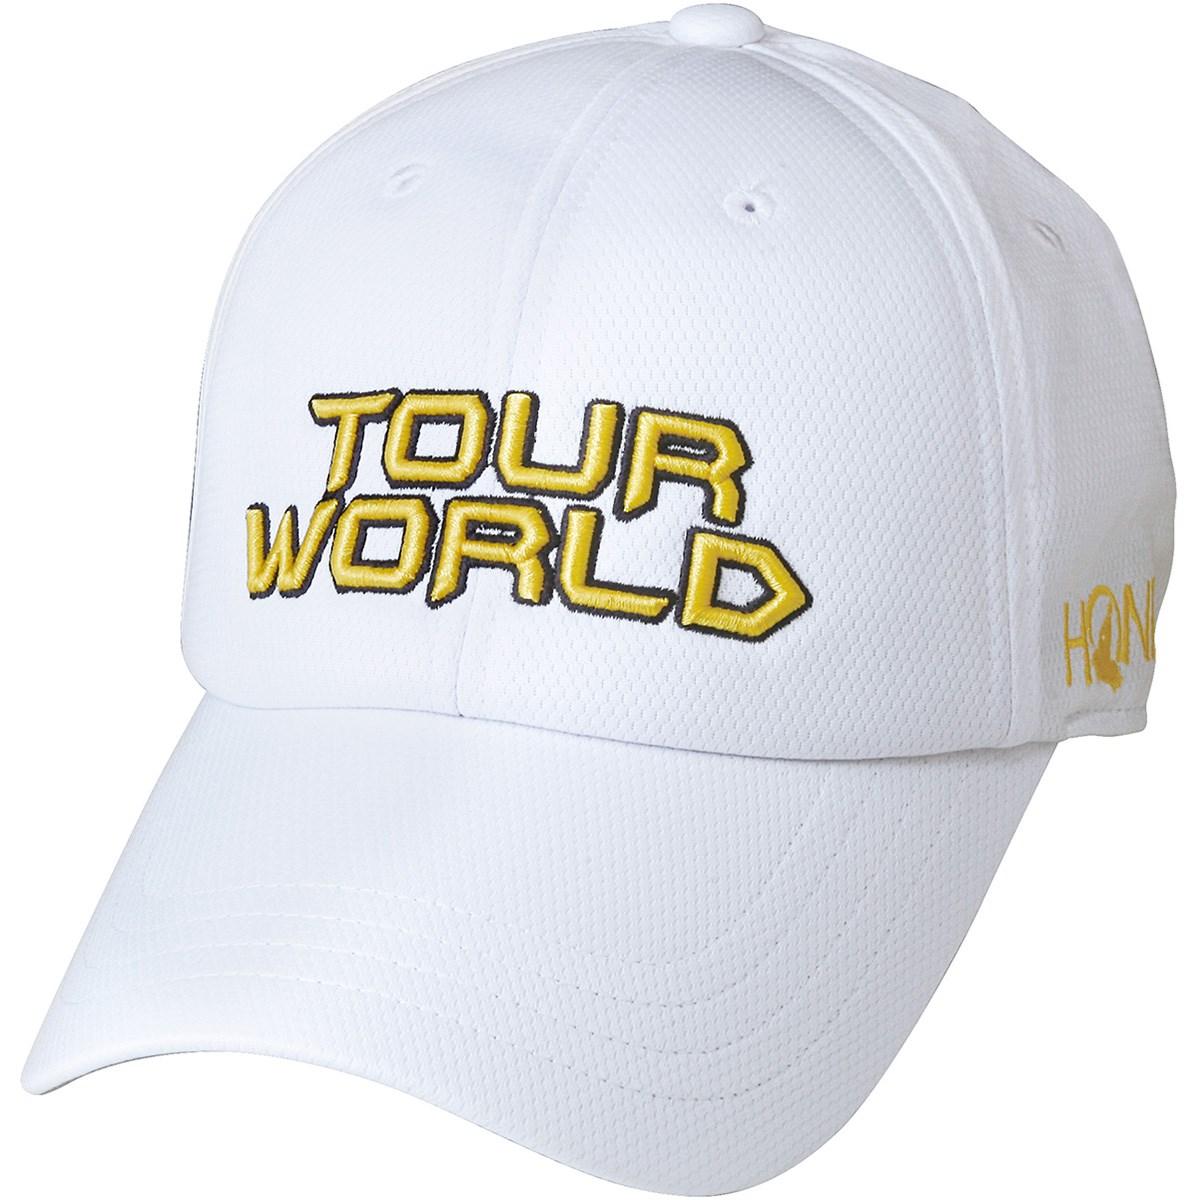 本間ゴルフ(HONMA GOLF) TOUR WORLDロゴキャップ